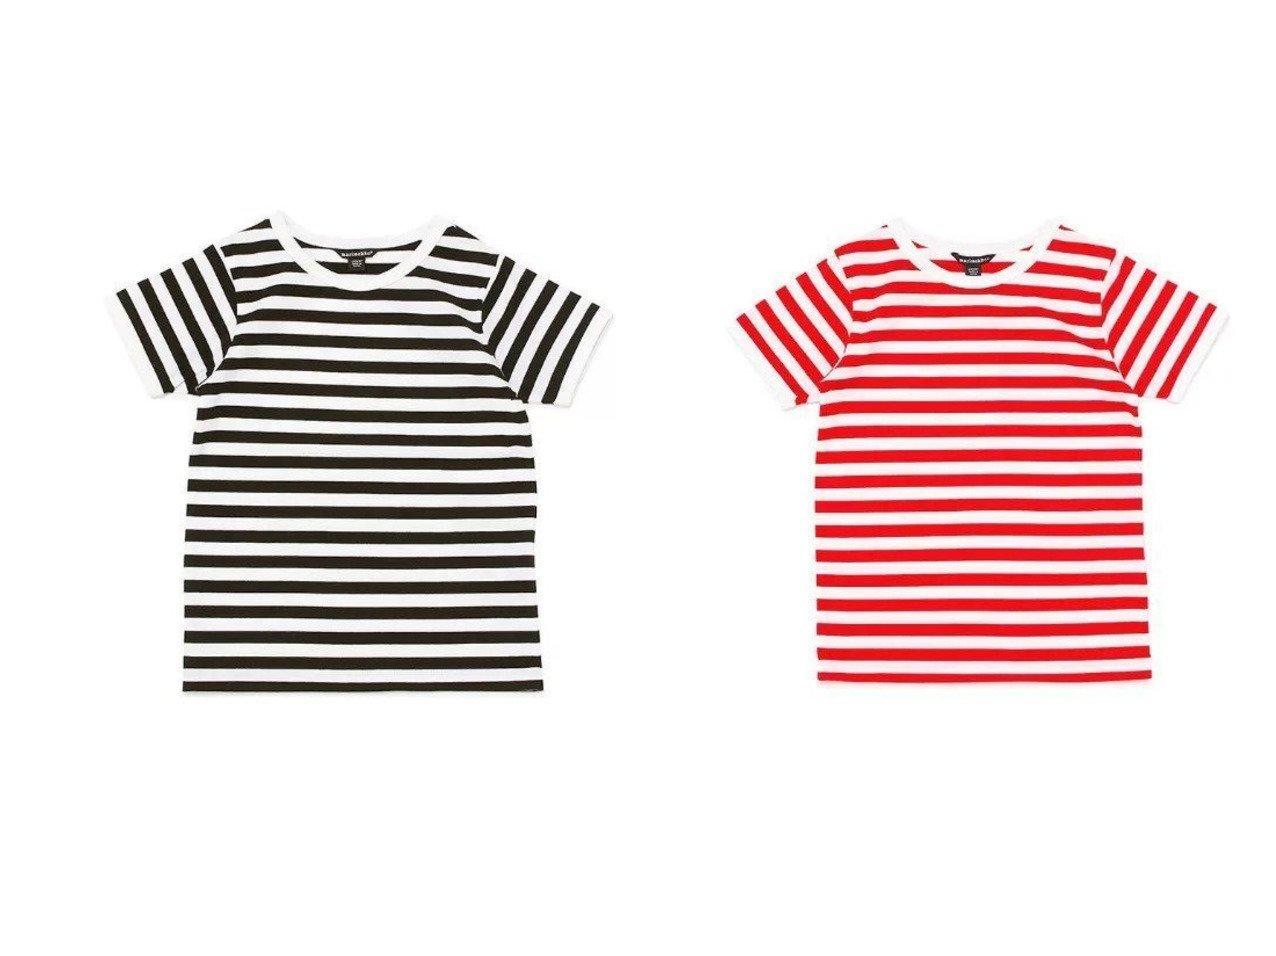 【marimekko / KIDS/マリメッコ】のKids Tasaraita カットソー 【KIDS】子供服のおすすめ!人気トレンド・キッズファッションの通販  おすすめで人気の流行・トレンド、ファッションの通販商品 メンズファッション・キッズファッション・インテリア・家具・レディースファッション・服の通販 founy(ファニー) https://founy.com/ ファッション Fashion キッズファッション KIDS トップス・カットソー Tops/Tees/Kids カットソー ベビー 人気 定番 Standard |ID:crp329100000034867